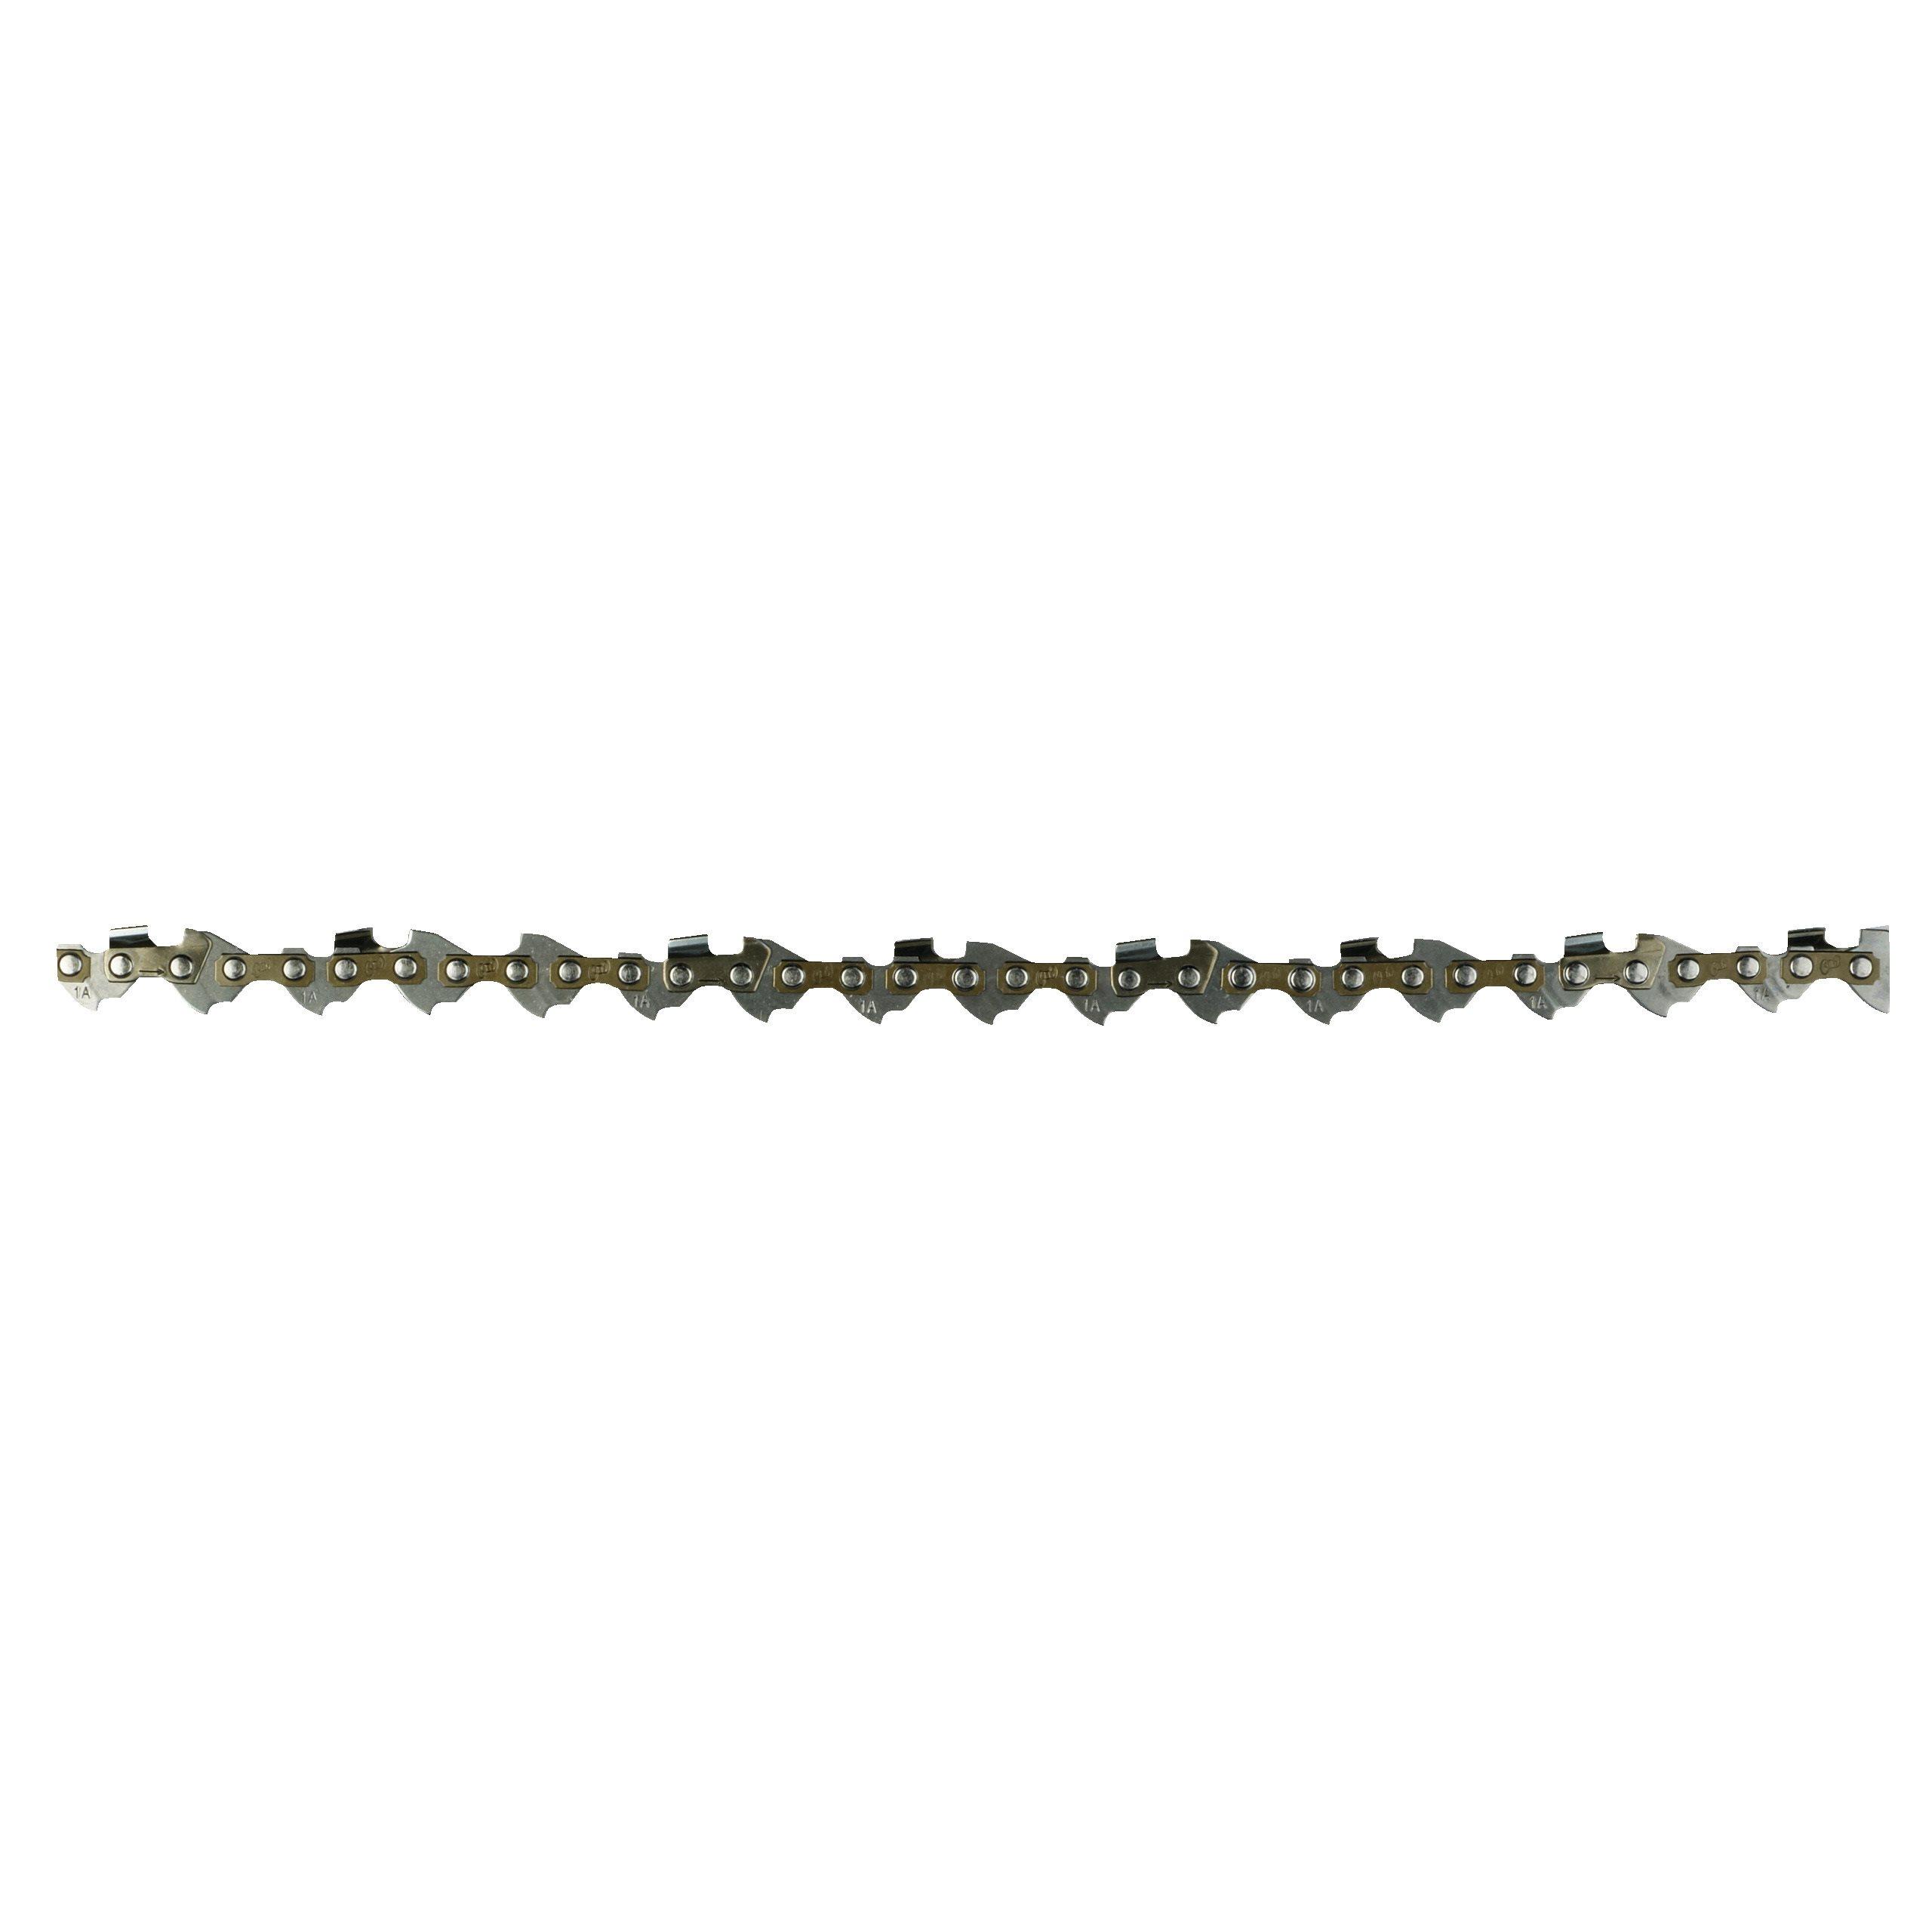 Cadena de 12″/30cm para motosierras sin cable